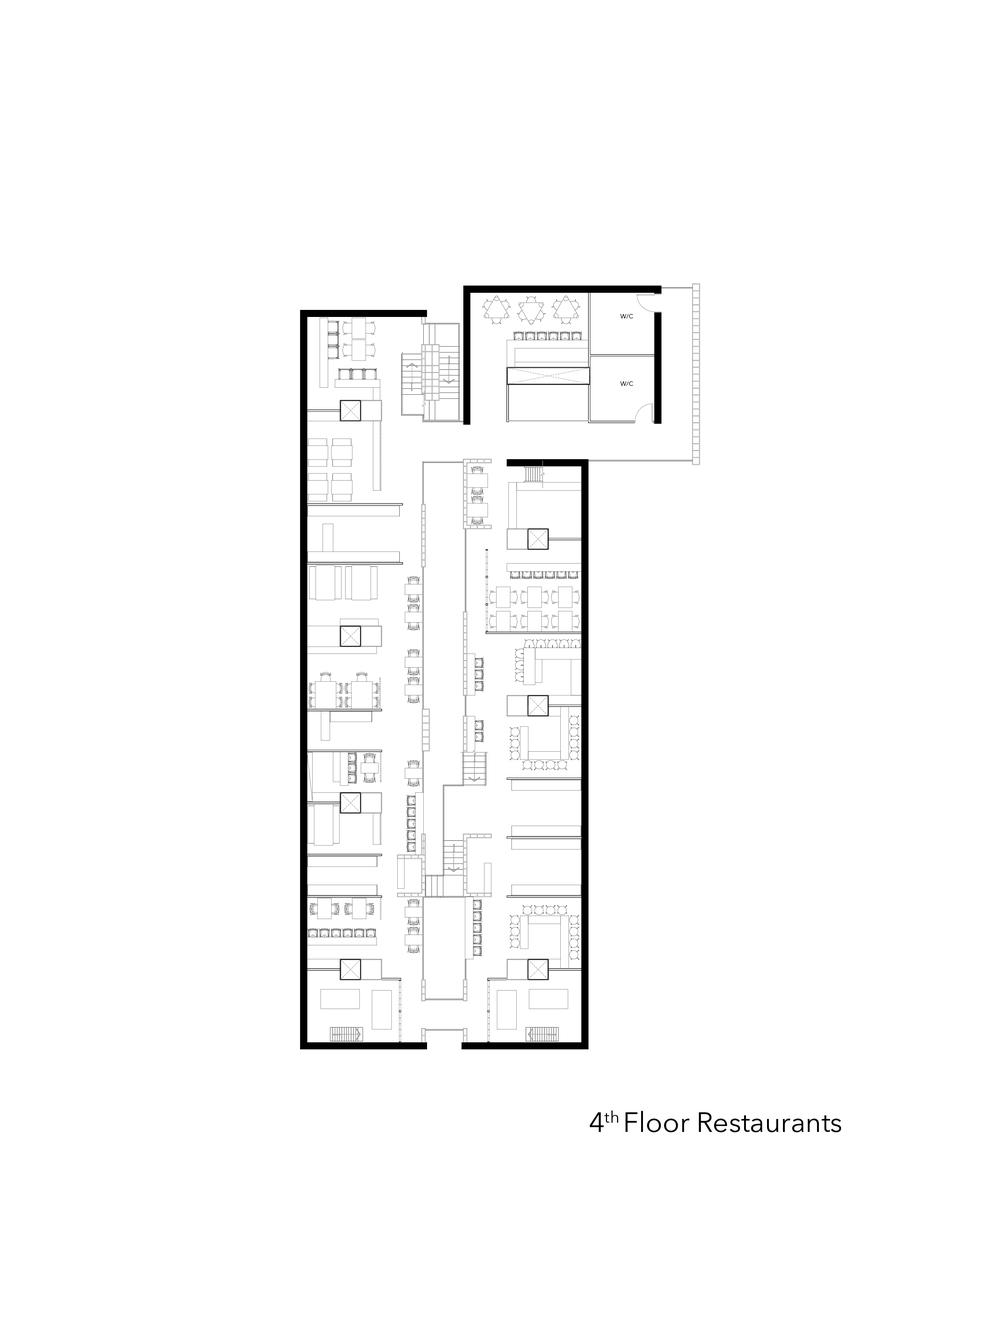 floorplans-04.jpg